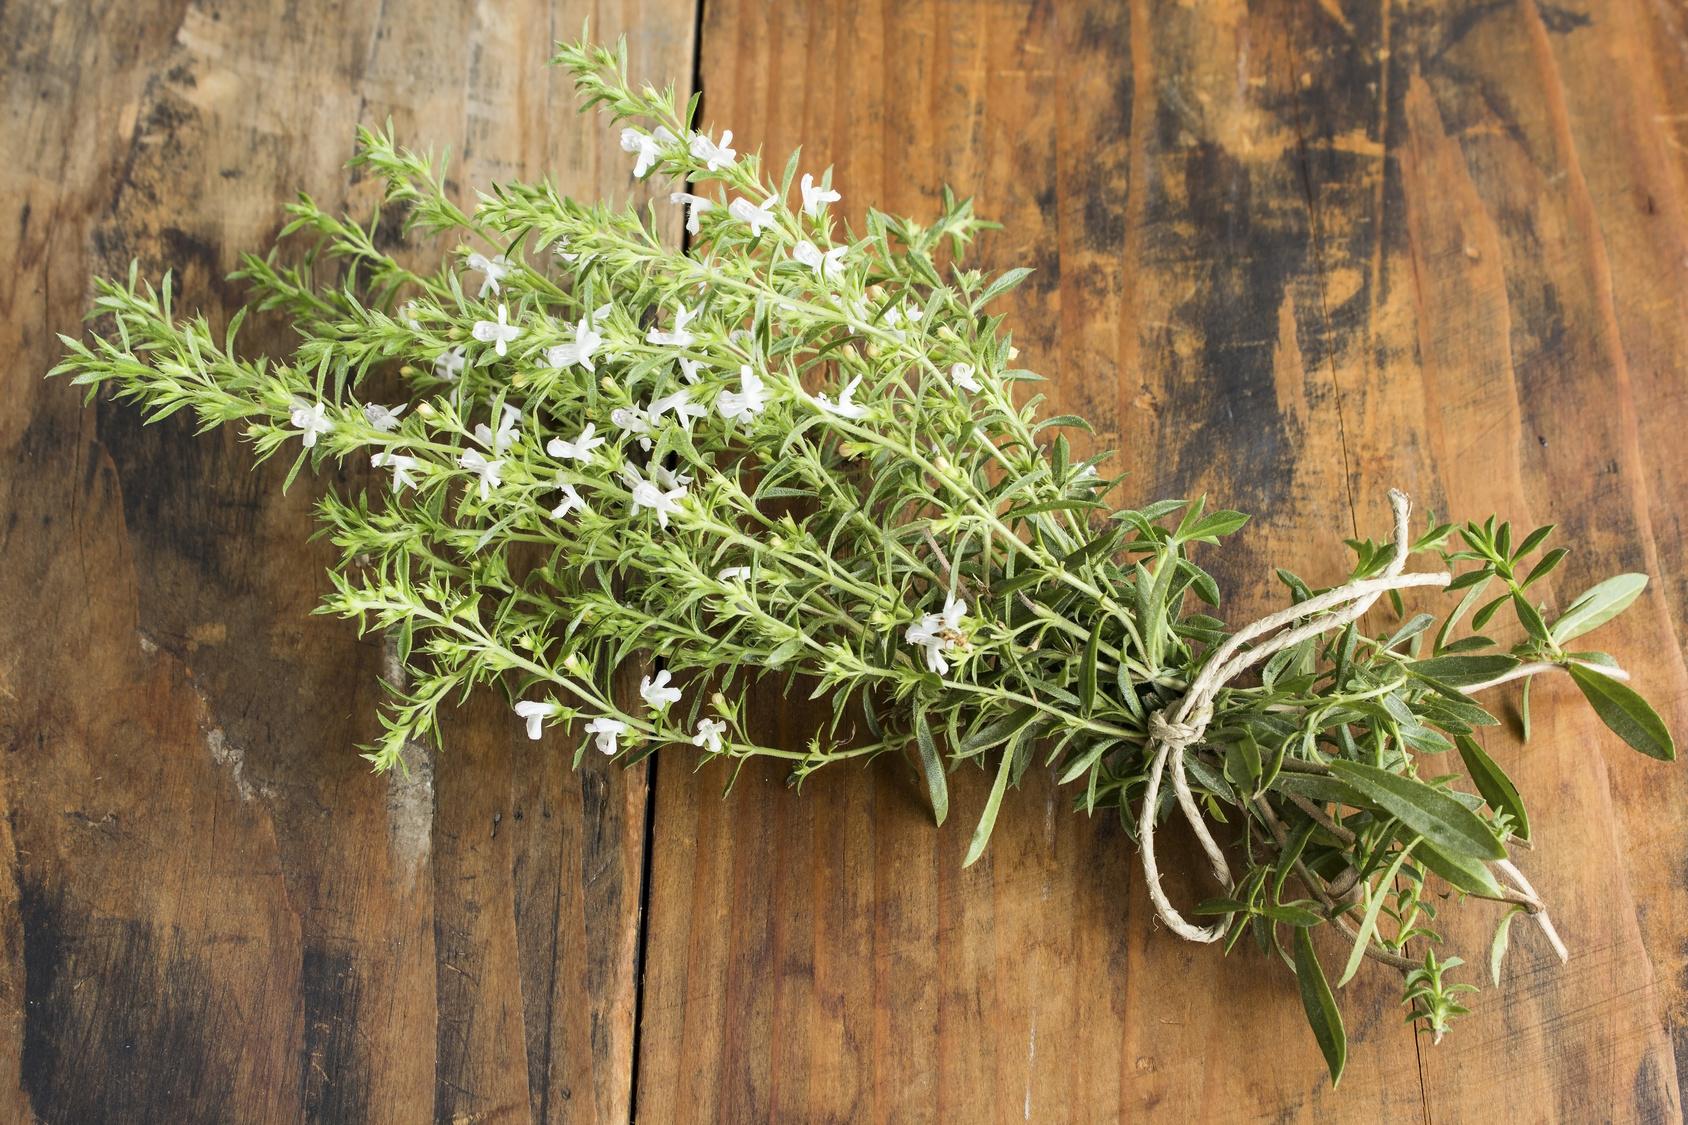 ces plantes sauvages d'été que l'on peut consommer - blog bio, bien